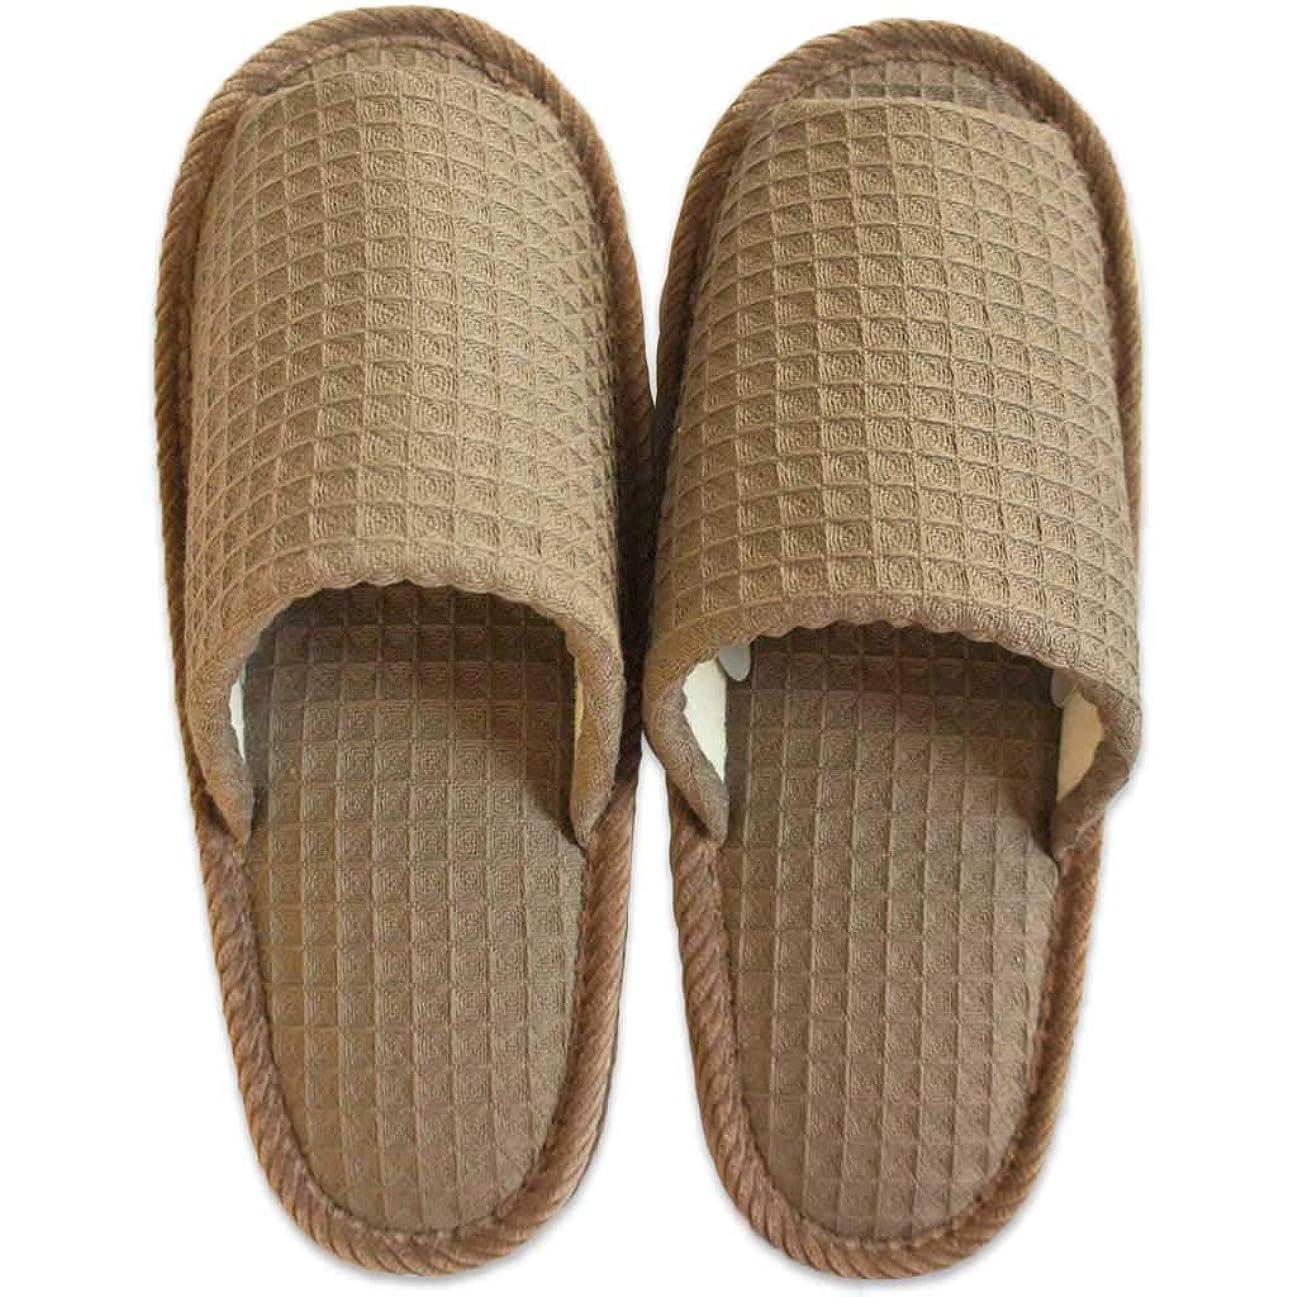 エキゾチック認識乱すスリッパ メンズ 太ワッフル外縫い Lサイズ 約27cmまで 日本製 洗える ゆったり ブラウン